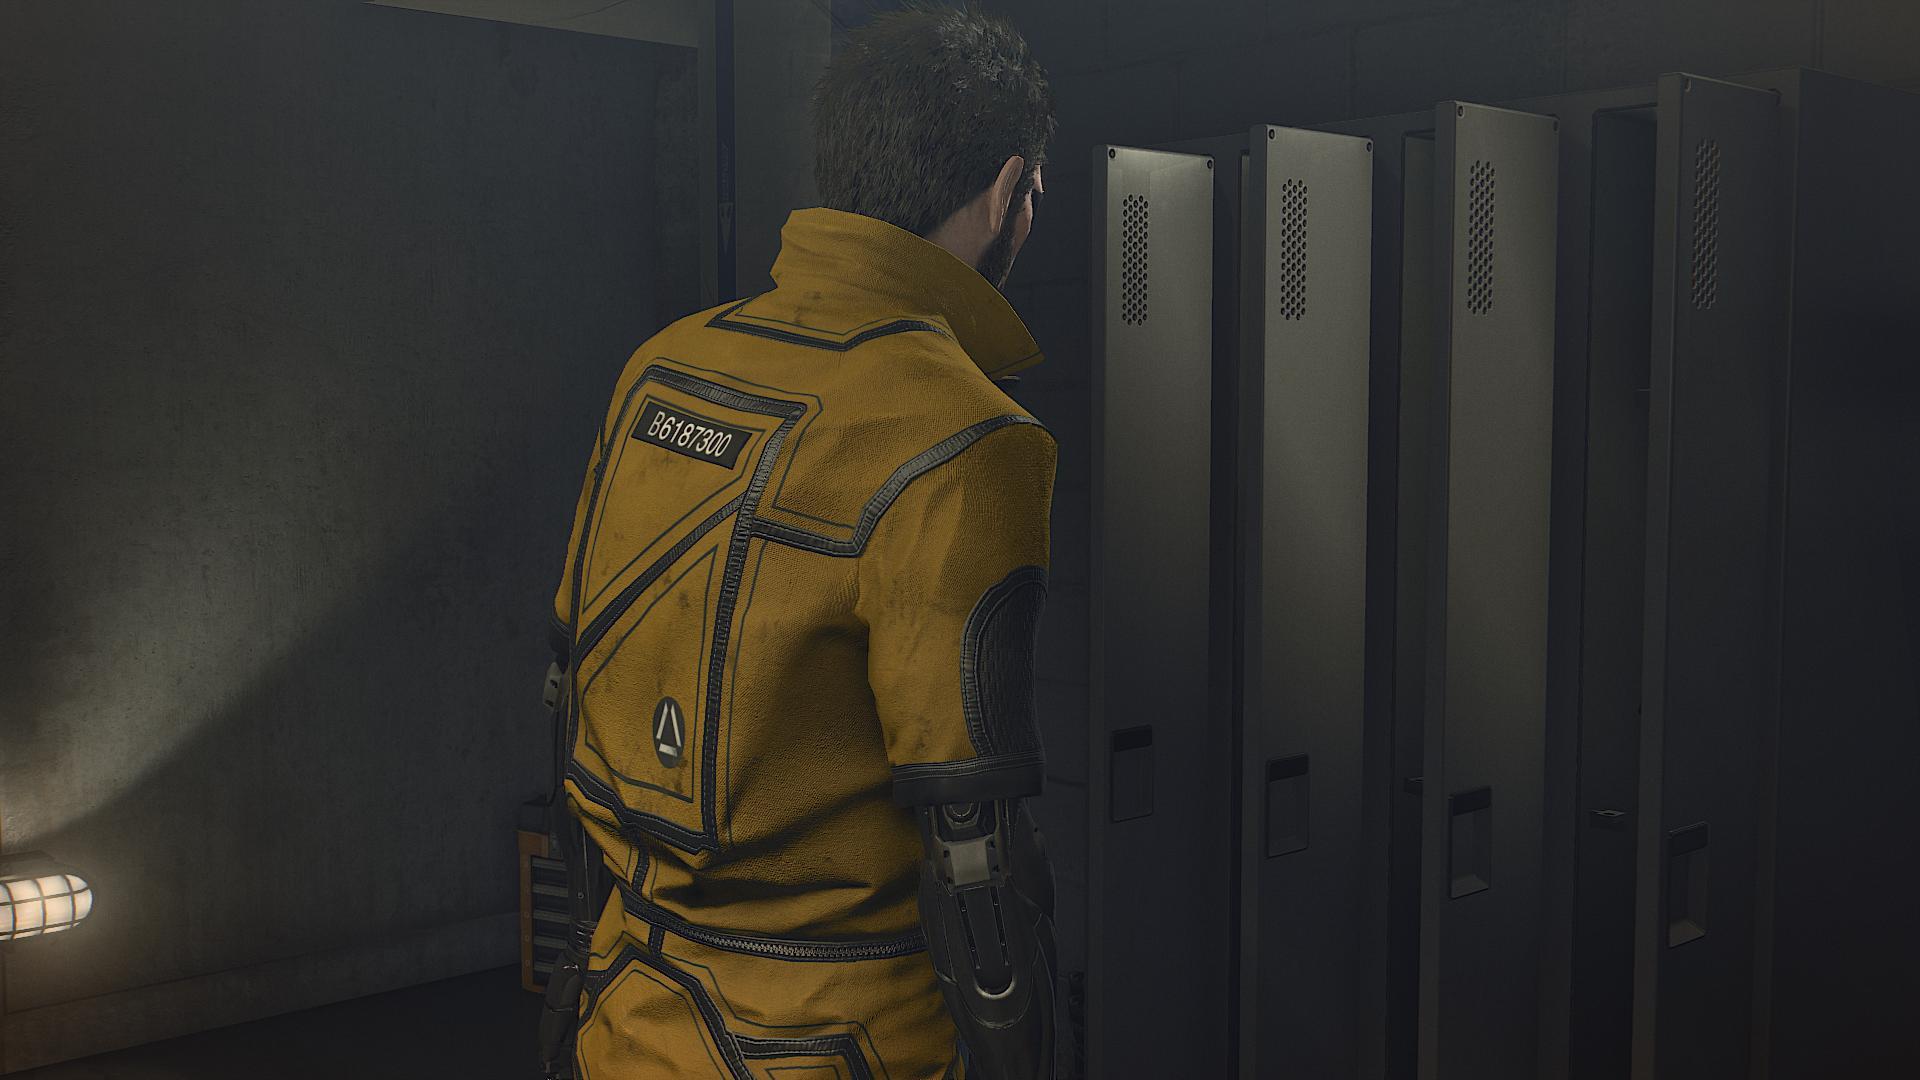 000372.Jpg - Deus Ex: Mankind Divided